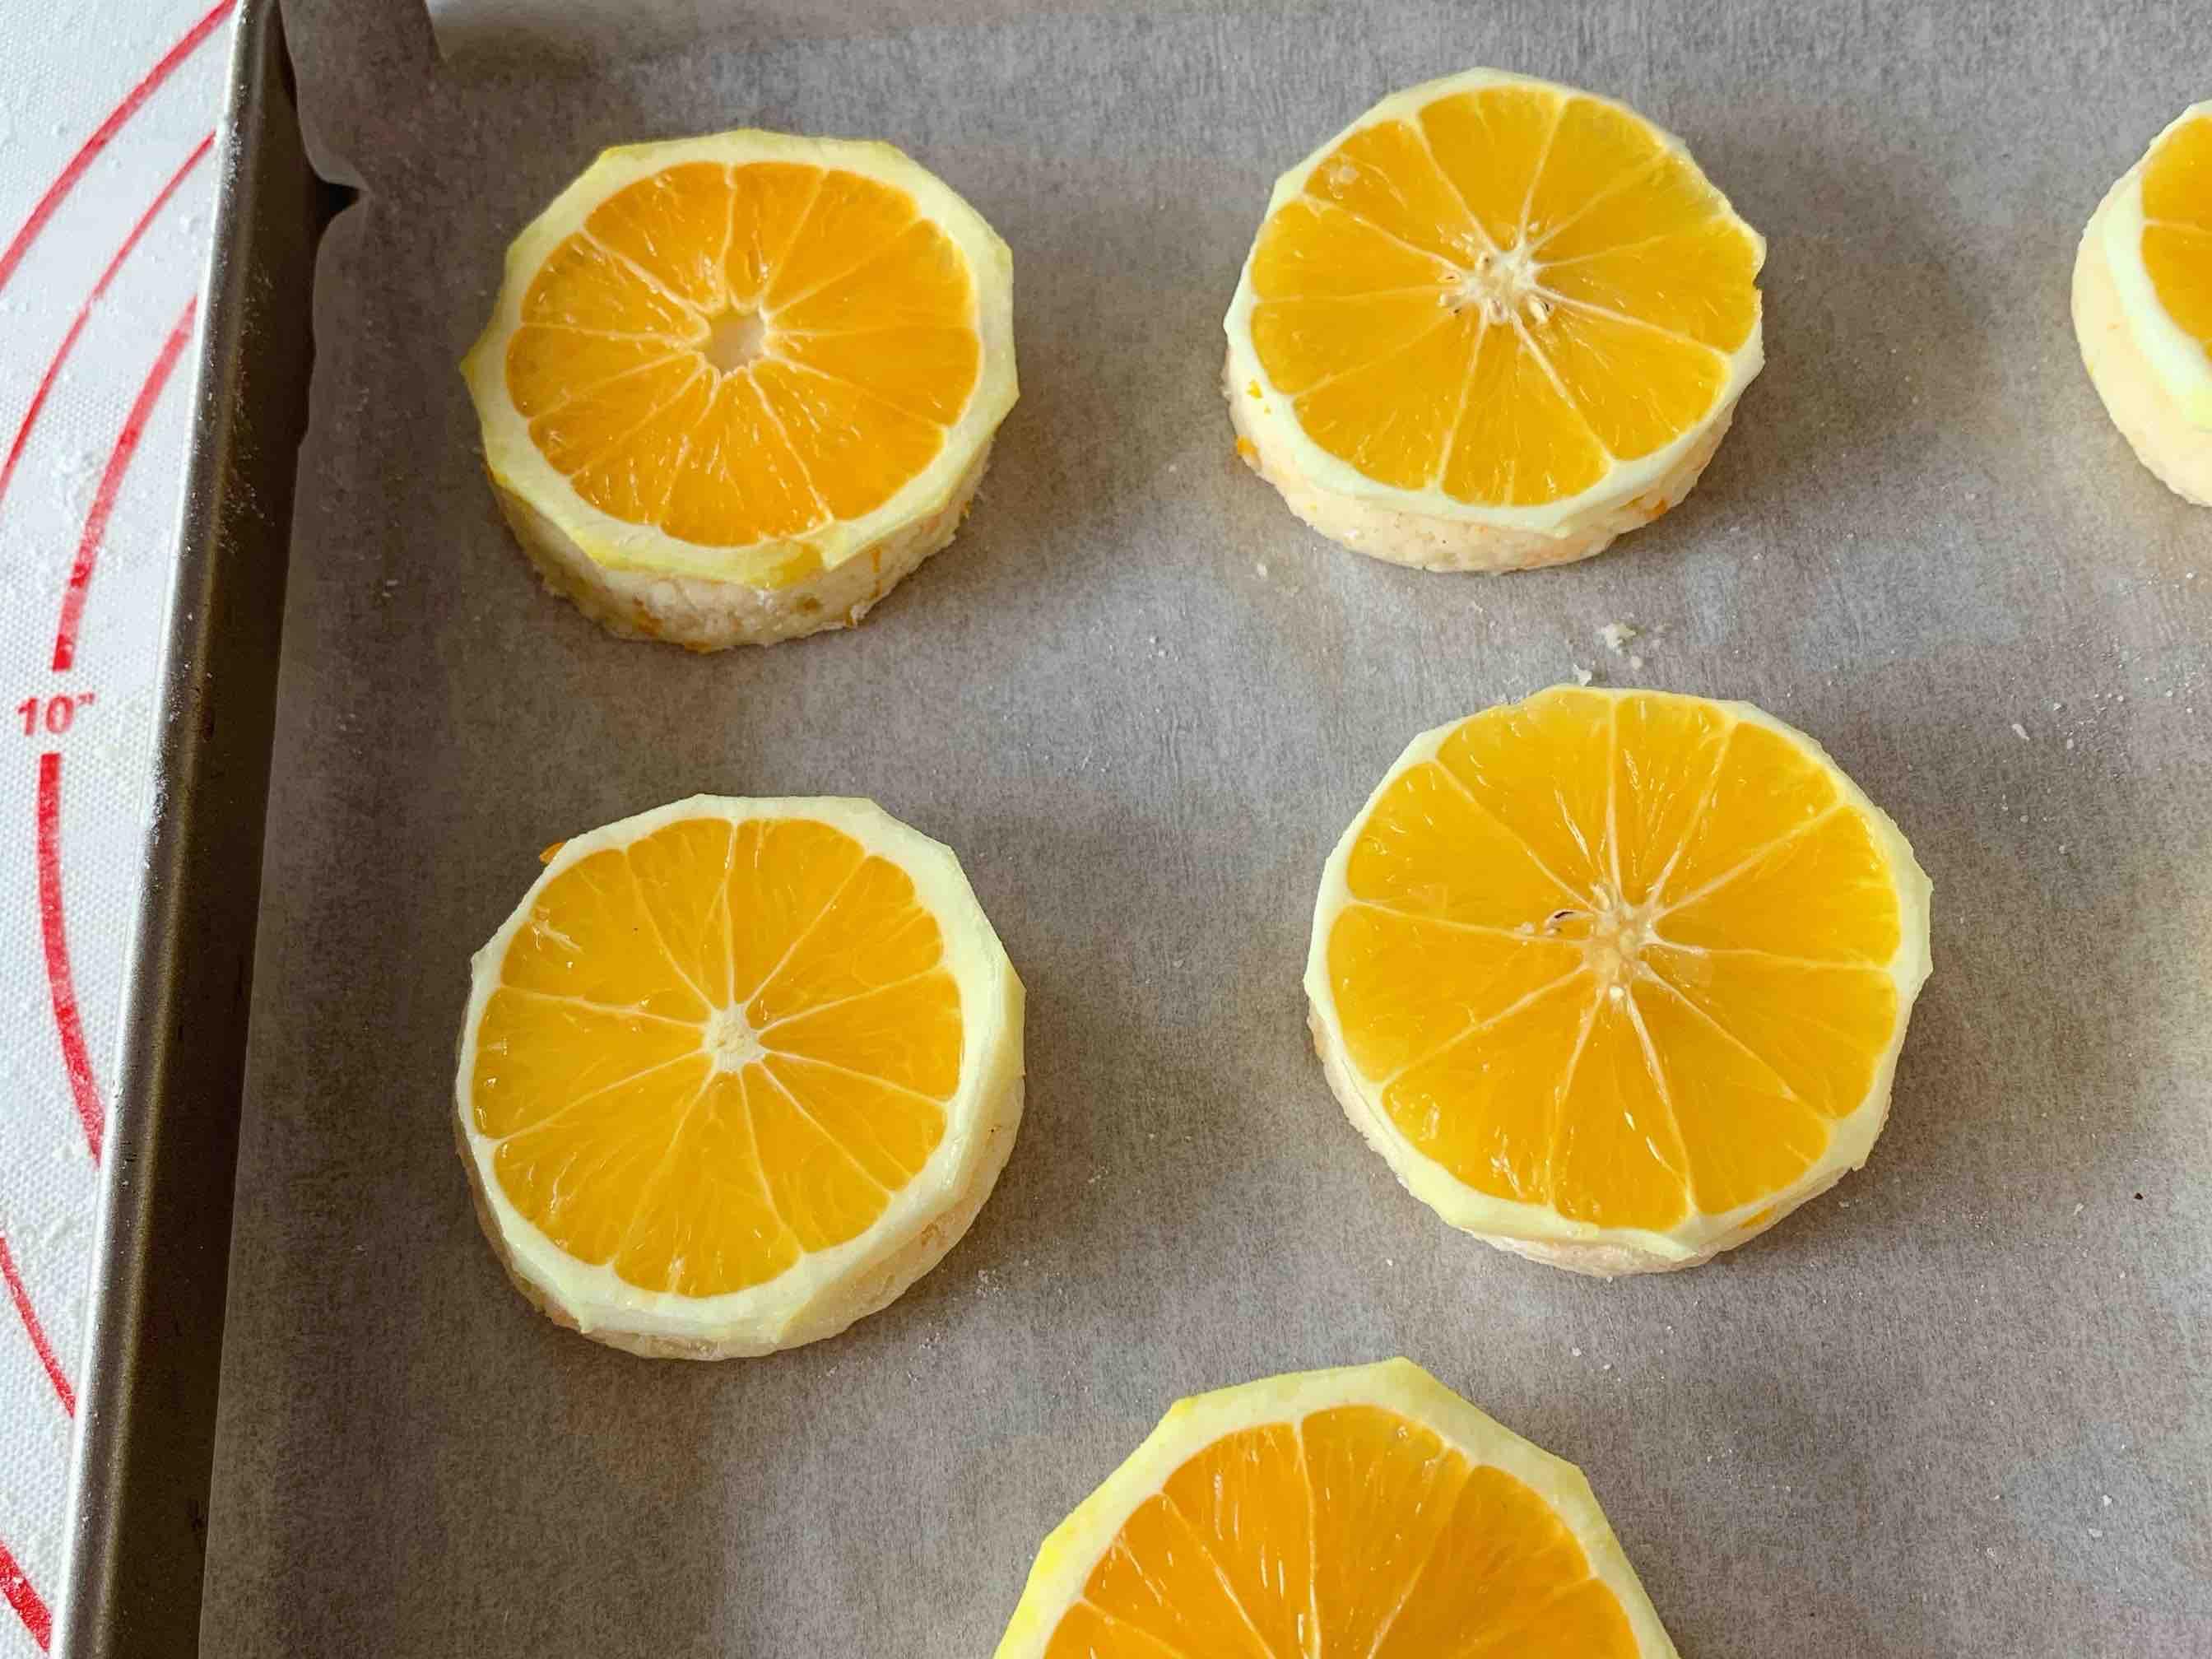 香橙司康的步骤